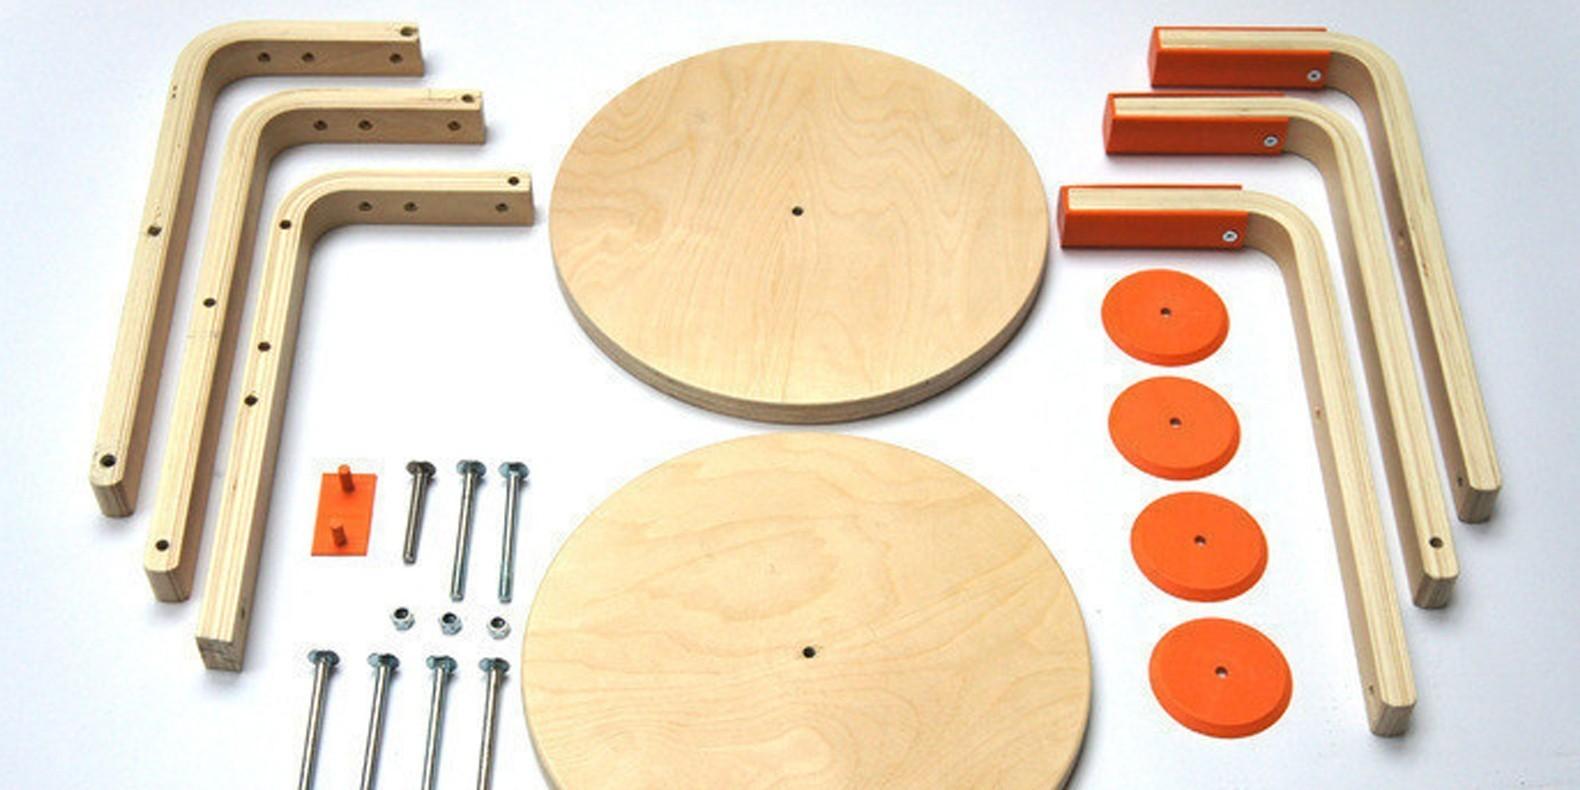 Descubre en esta nueva colección de modelos 3D todos los archivos STL de Ikea Hacks realizados con una impresora 3D.